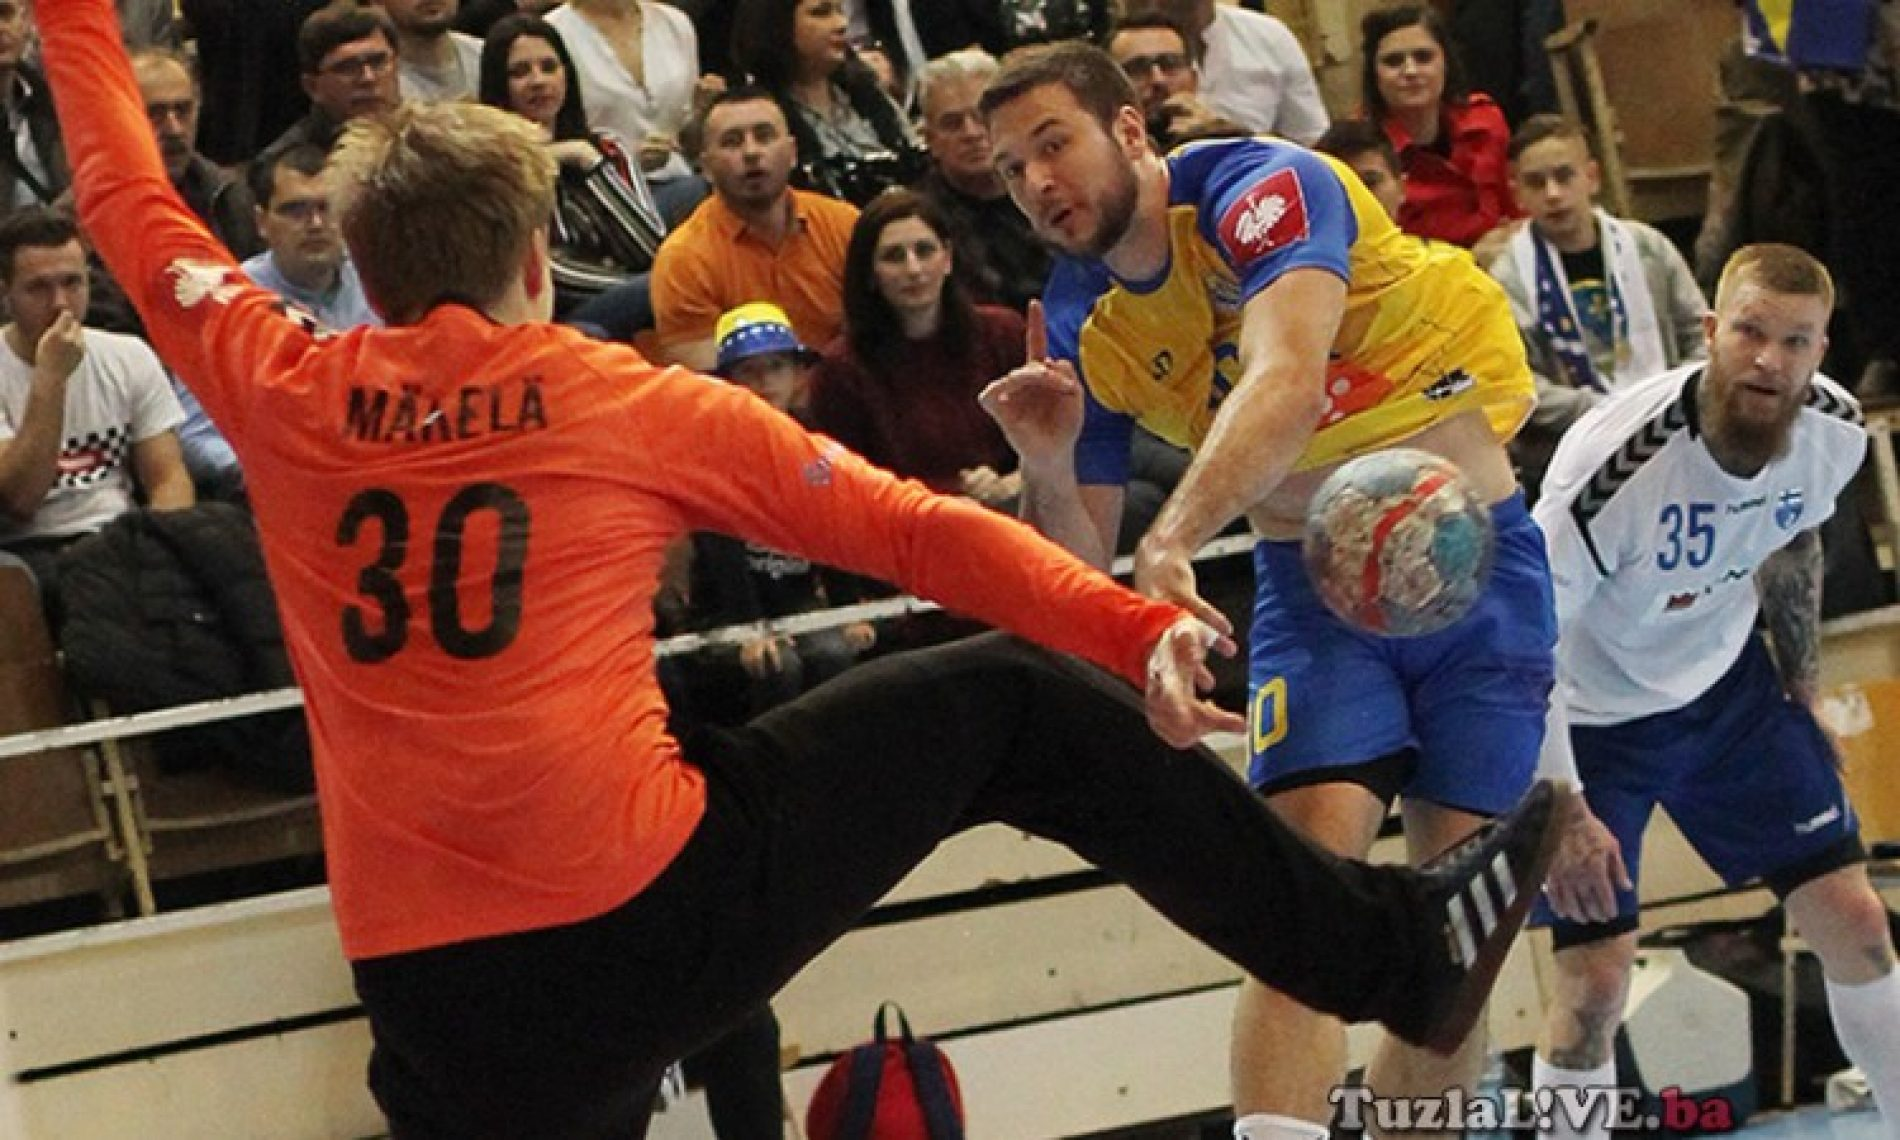 Veliko zanimanje za rukometnu utakmicu Bosna i Hercegovina – Bjelorusija